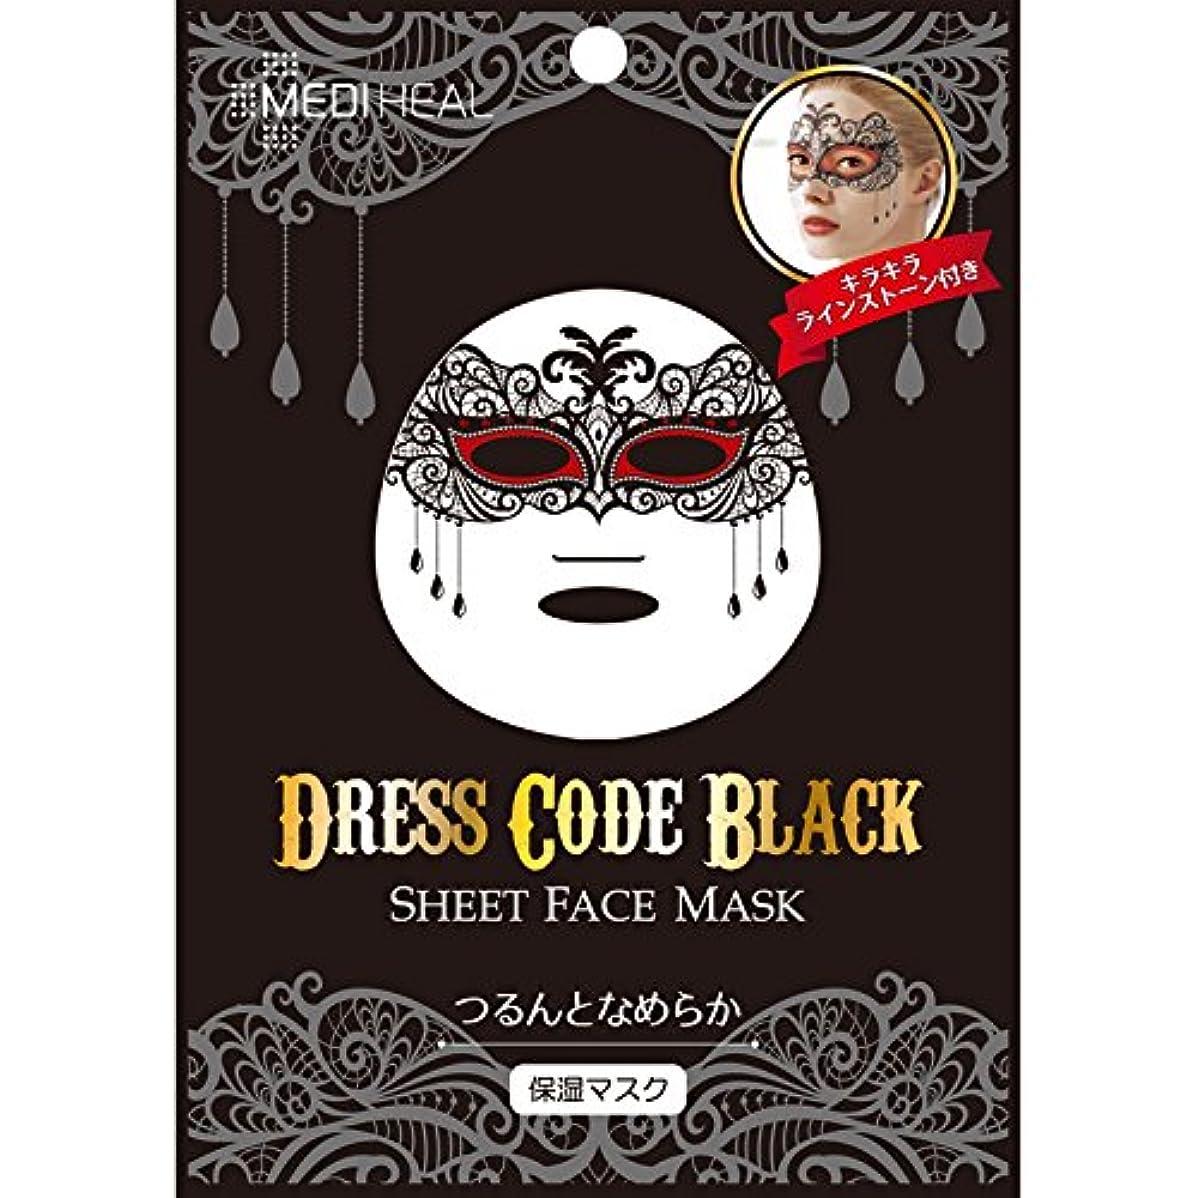 祖先教養がある廃止メディヒル フェイスマスク ドレスコードブラック (27ML/1シート)